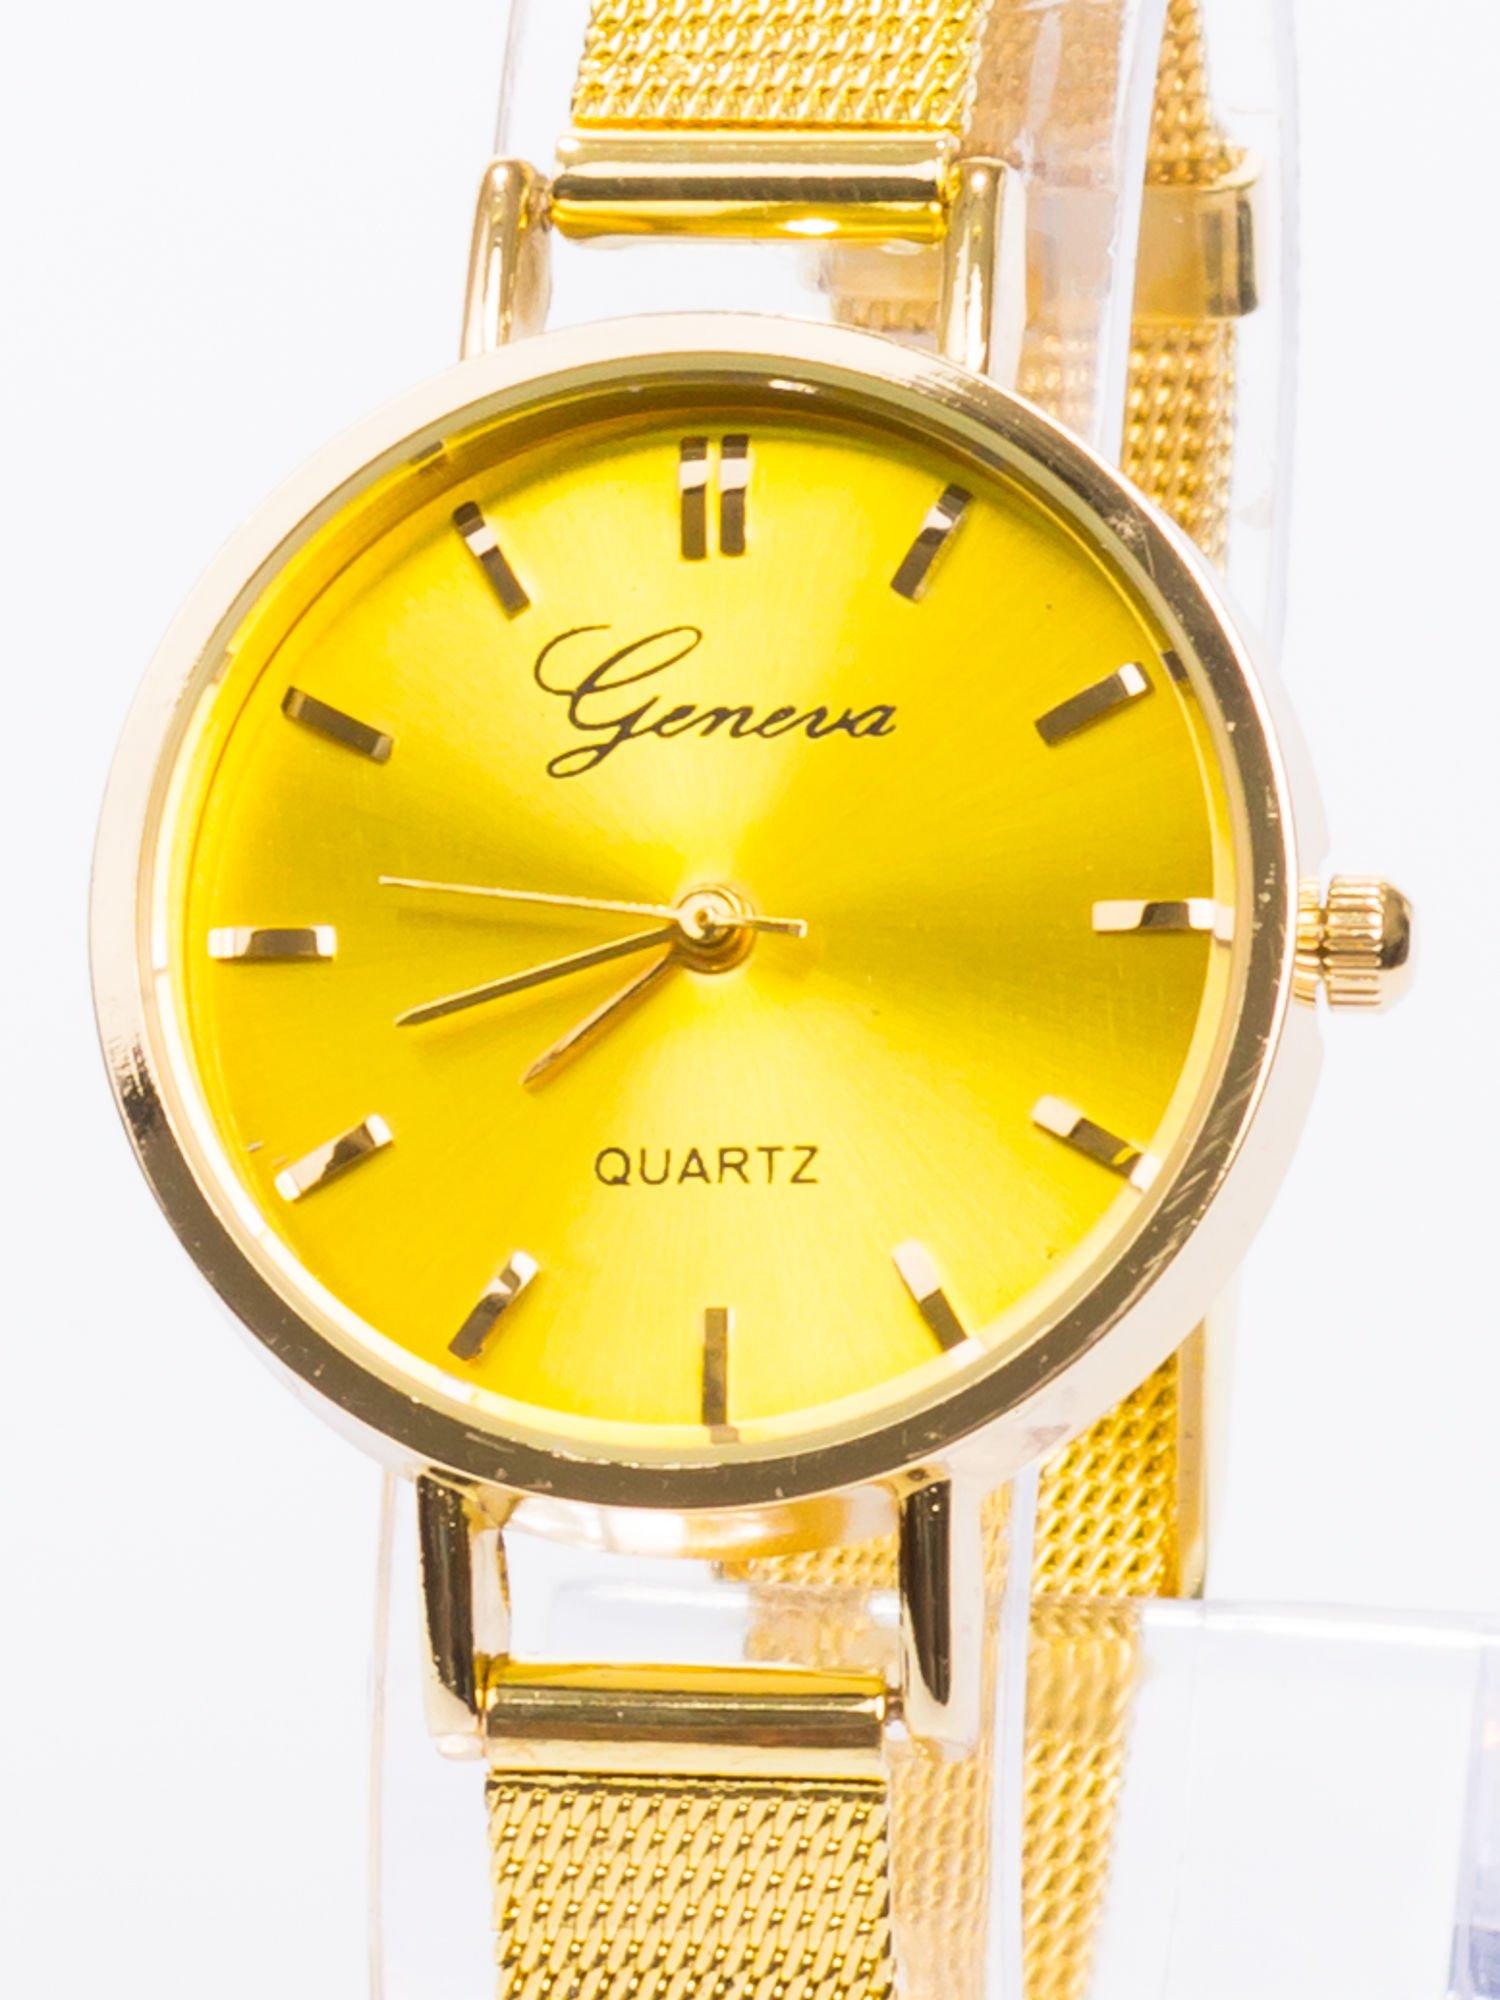 GENEVA Złoty prosty zegarek damski na bransolecie                                  zdj.                                  2